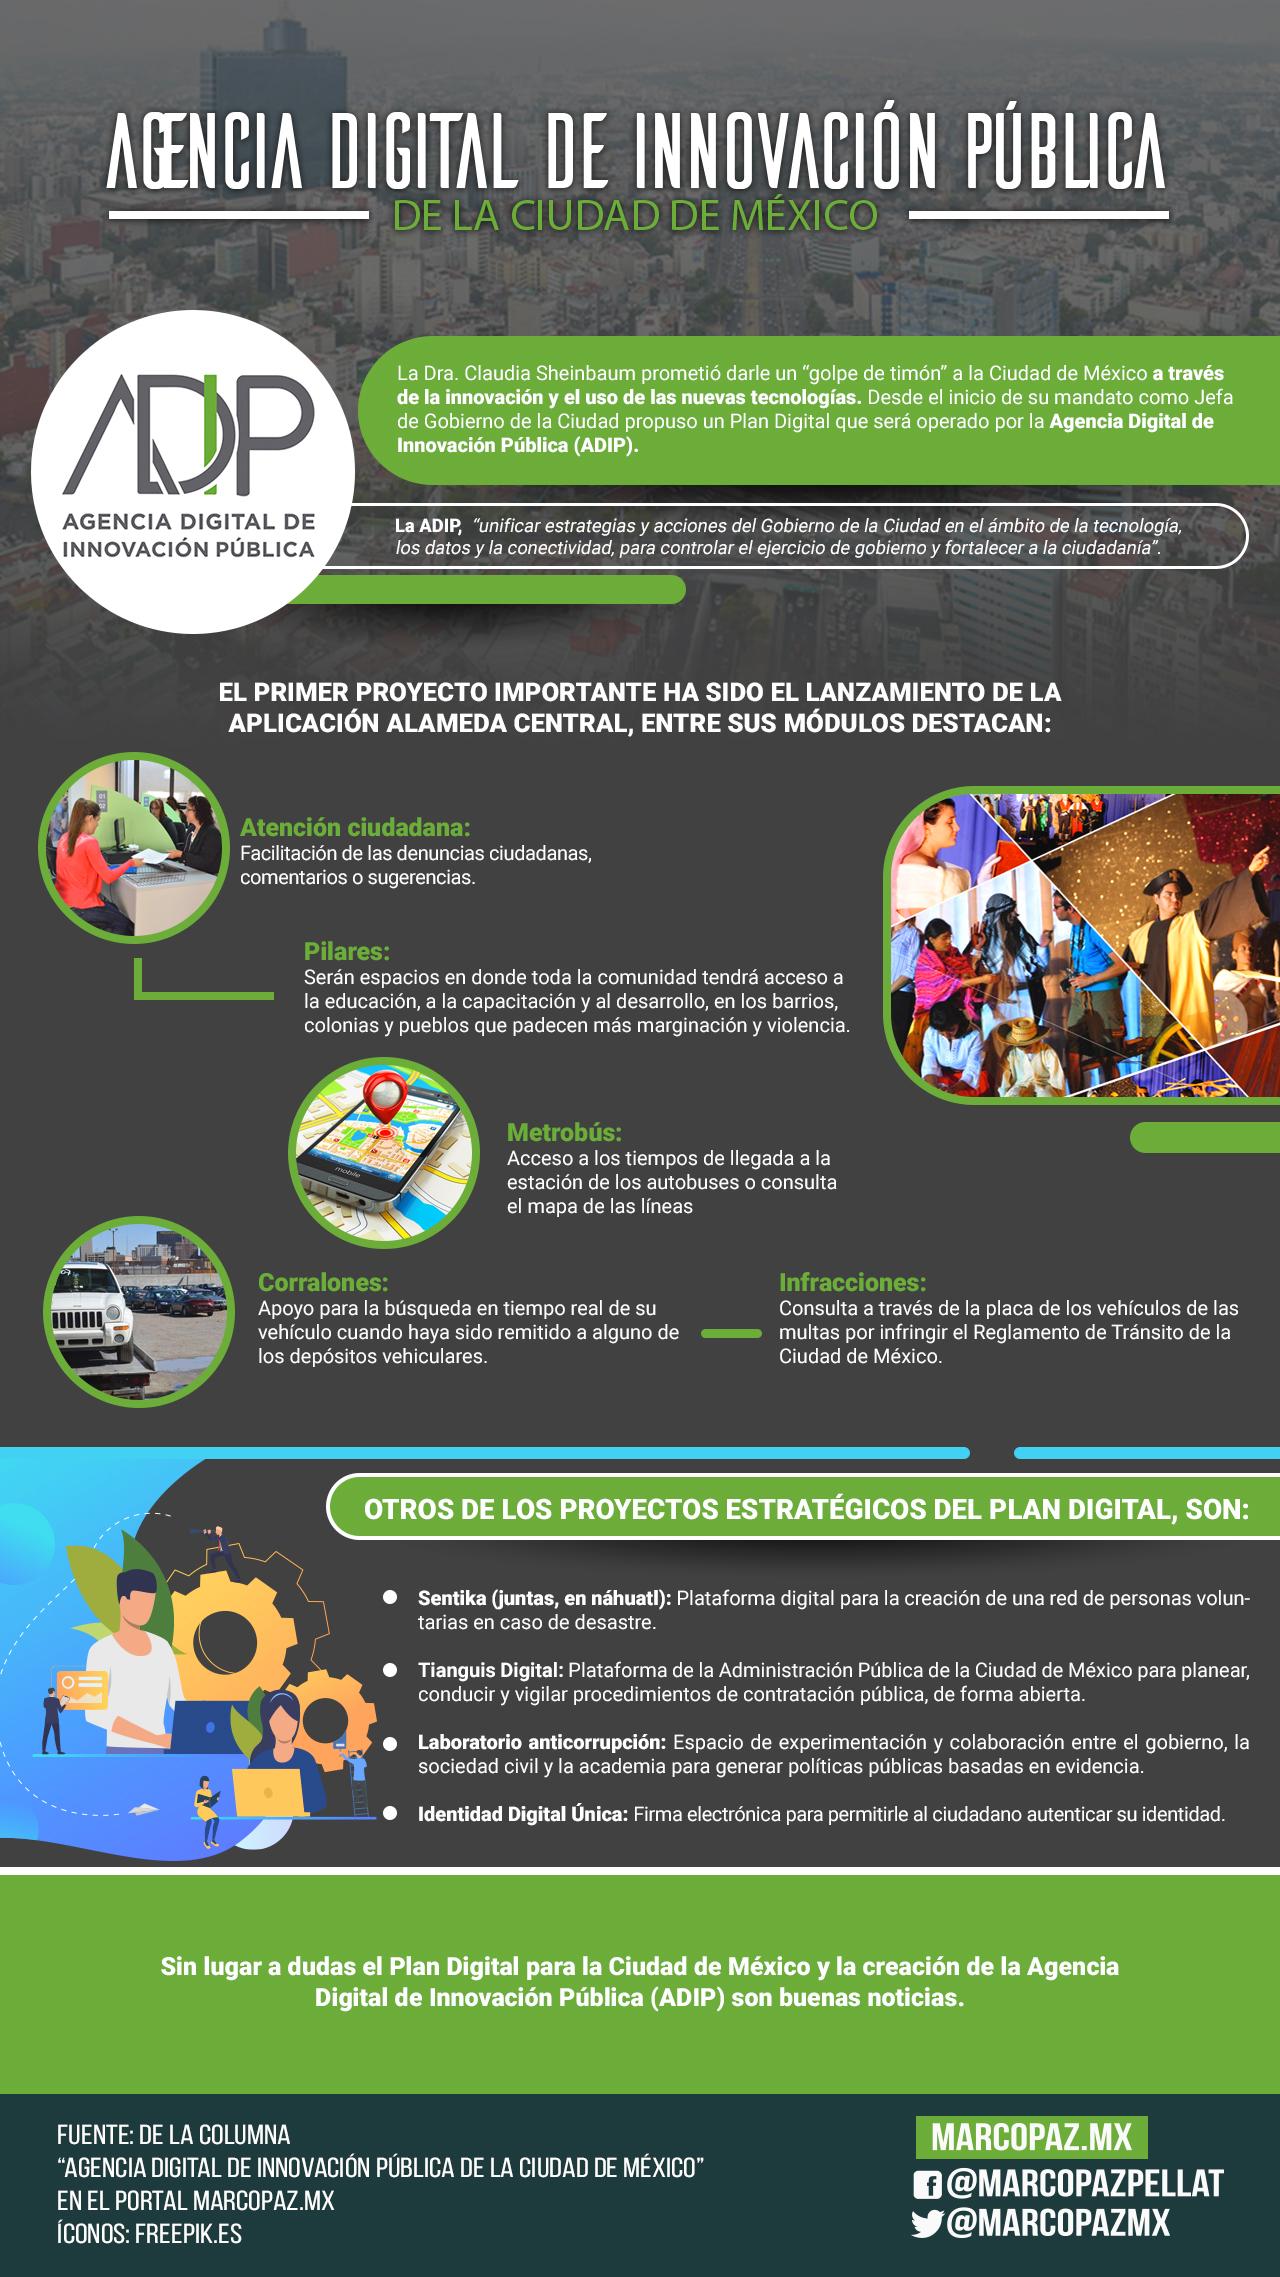 109_INFOGRAFIA_Agencia Digital de Innovación Pública de la Ciudad de México copy